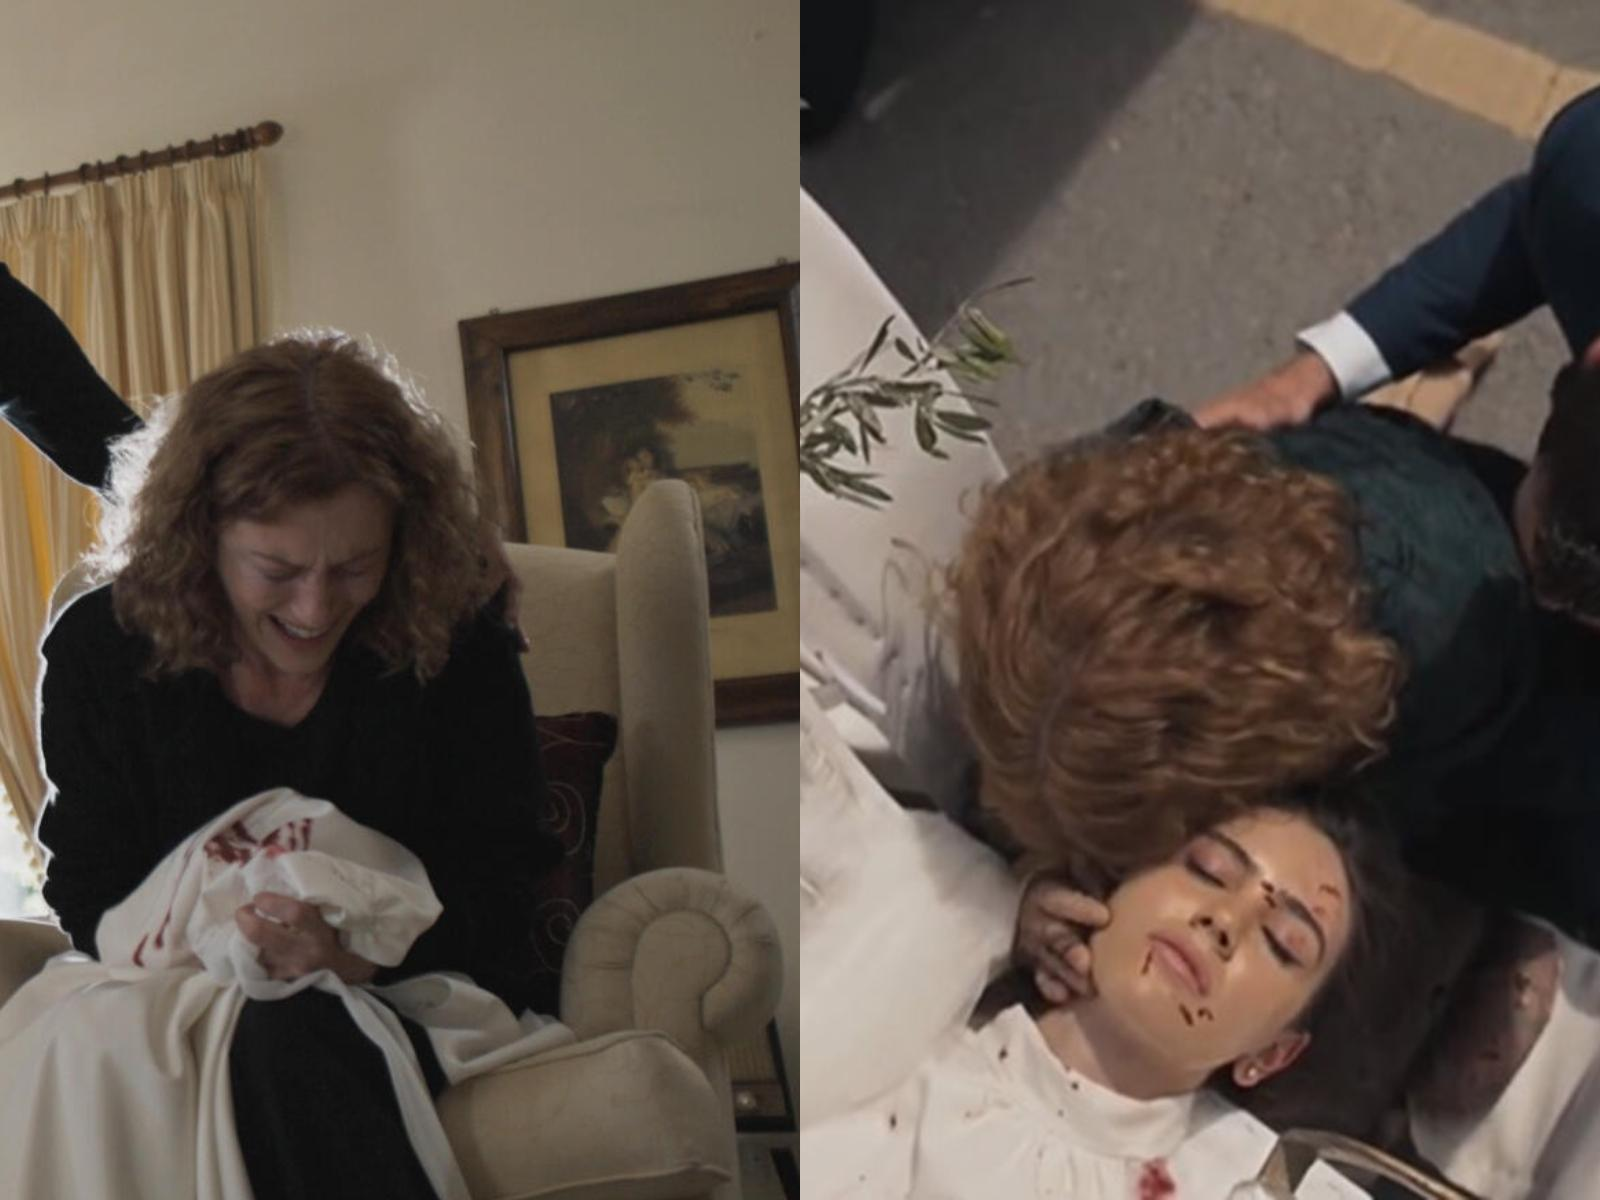 Γη της Ελιάς: Ο Νικόλας σκότωσε την Στέλλα και το μωρό τους